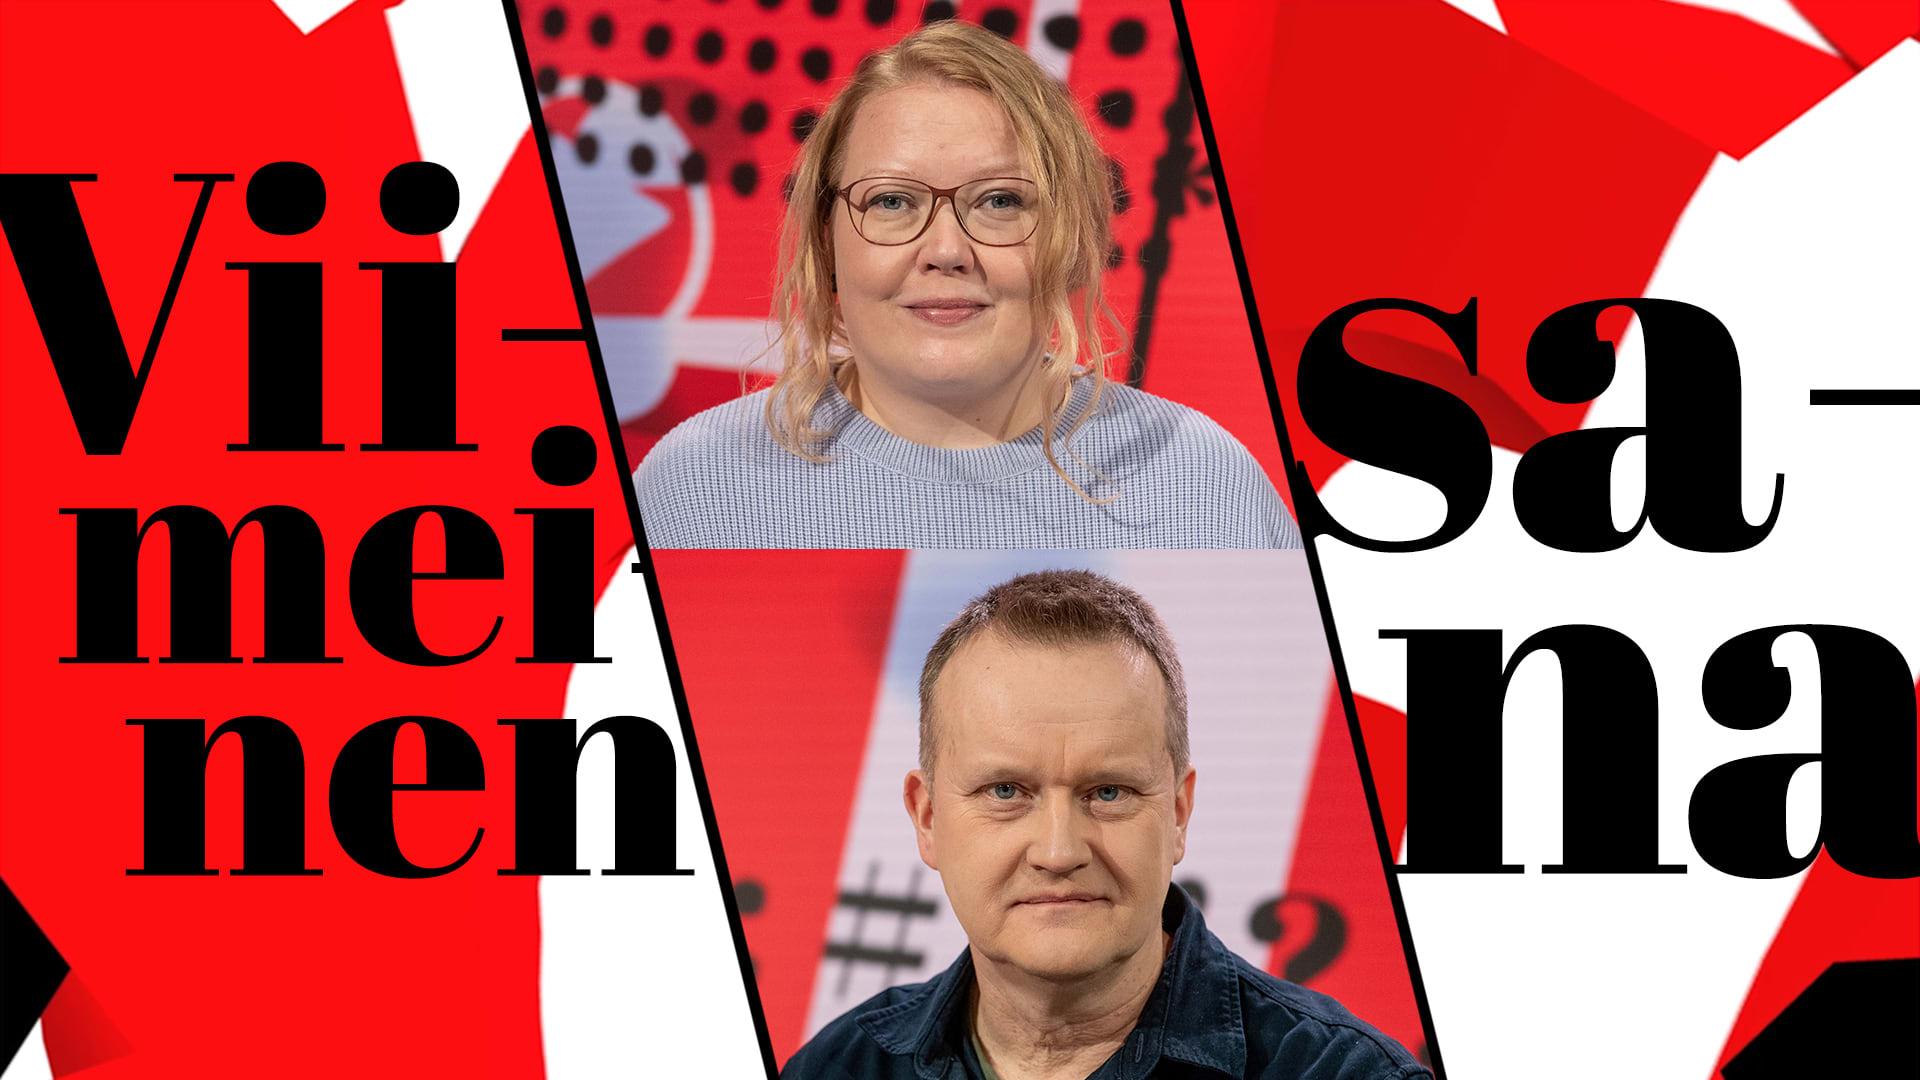 Viimeisen sanan vieraina kuvajournalisti Hanna-Kaisa Hämäläinen ja Helsingin Sanomien kuvapäällikkö Markku Niskanen.